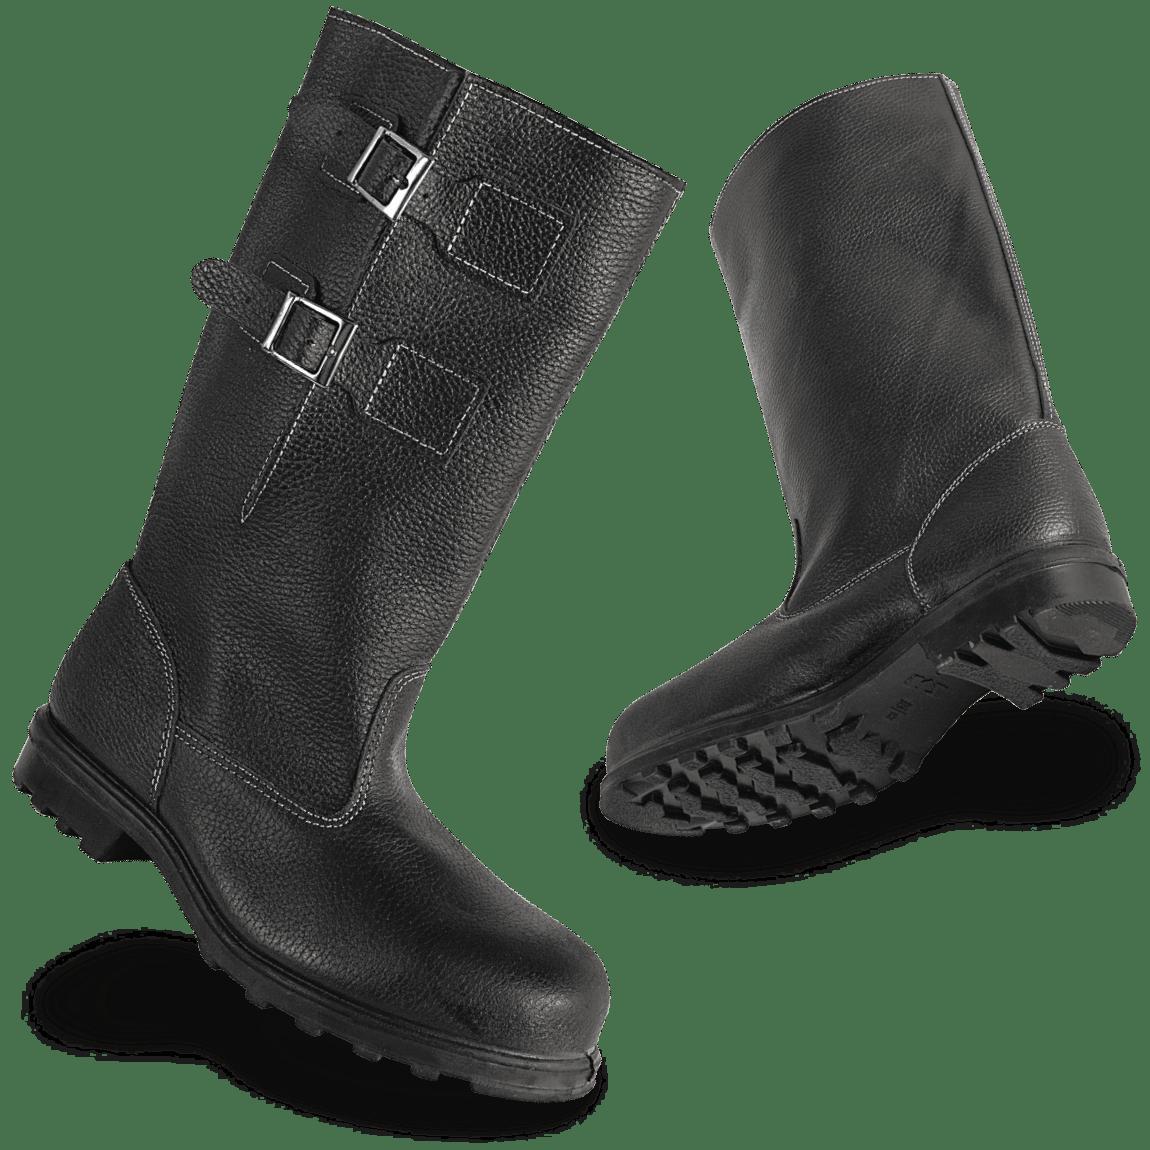 ac33bd266 Сапоги кожаные утепленные Велдер МАРС-Т | рабочая обувь, оптом, от ...